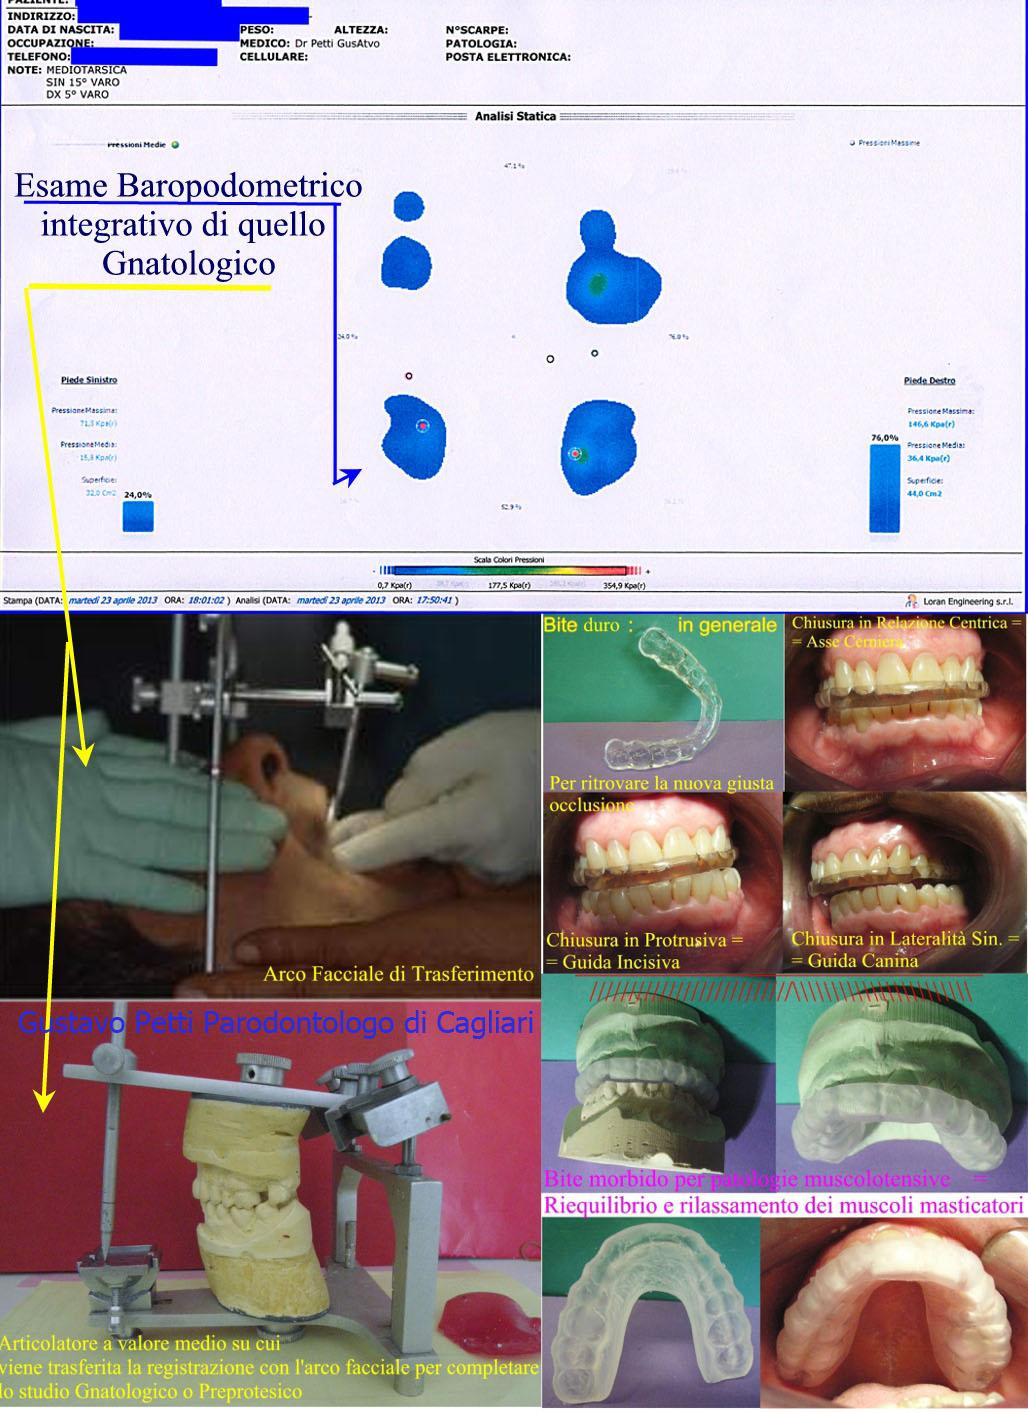 gnatologia-dr-g.petti-cagliari-29.jpg